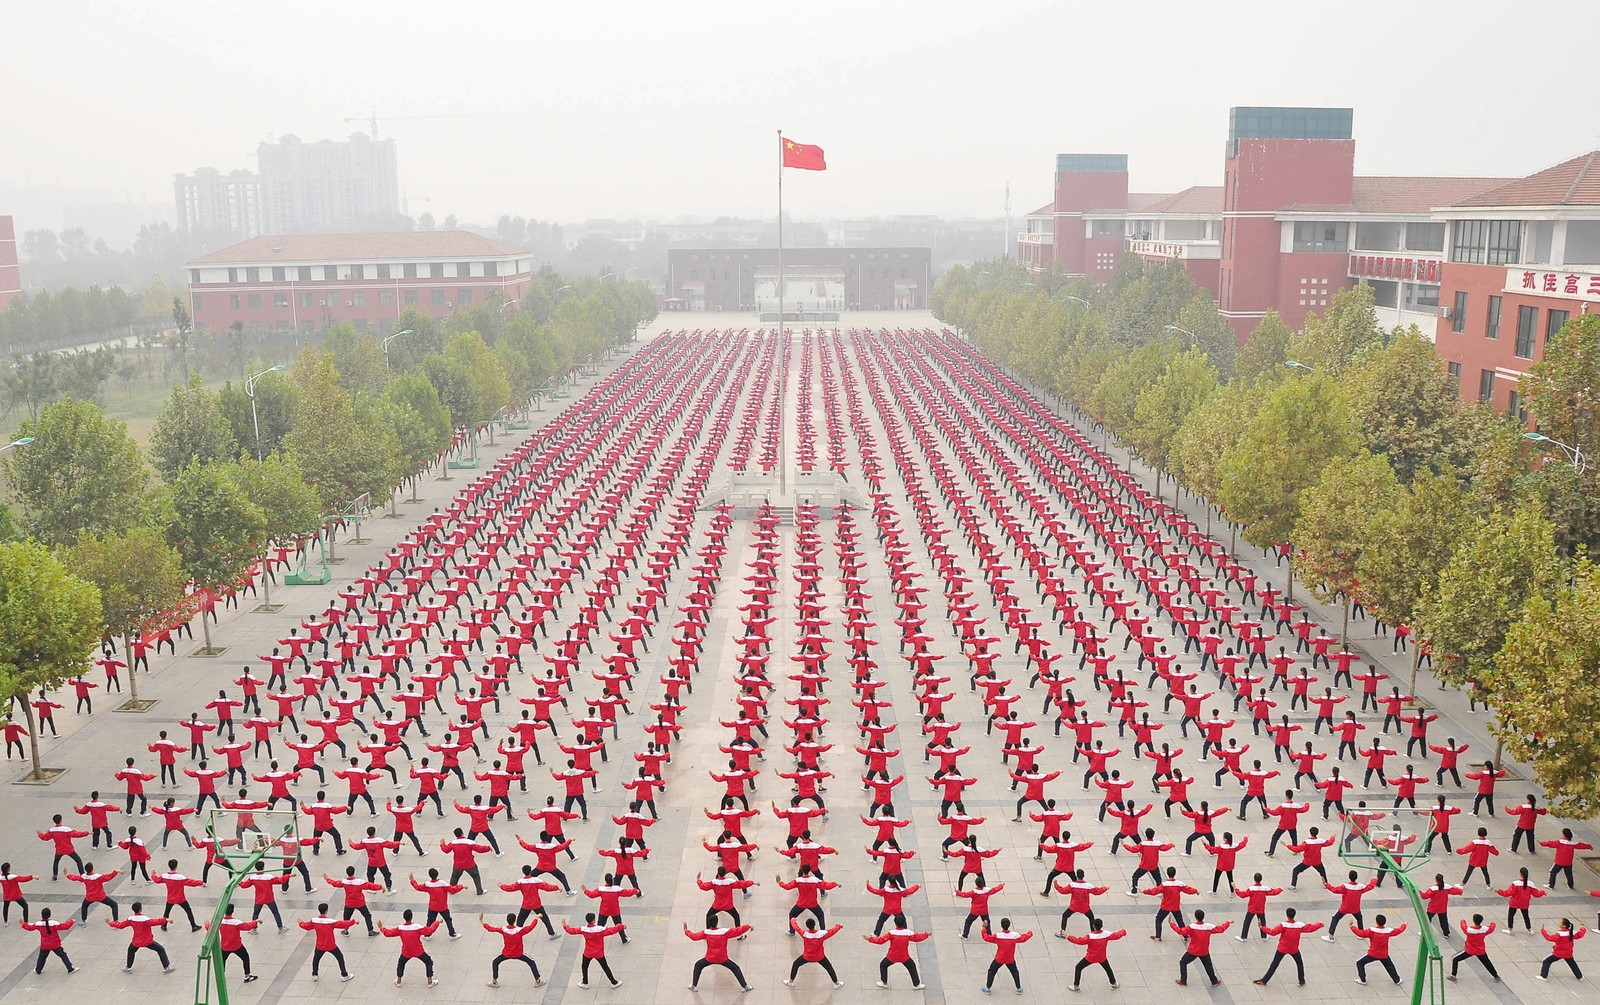 Kinesiske studenter trener Taichi utenfor en skole i Jiaozuo. Byen samlet 50.000 av sine innbyggere for å la dem luftbokse samtidig – på 15 forskjellige steder. Det resulterte i en notering i Guiness' rekordbok for den største kampsport-oppvisningen noensinne.